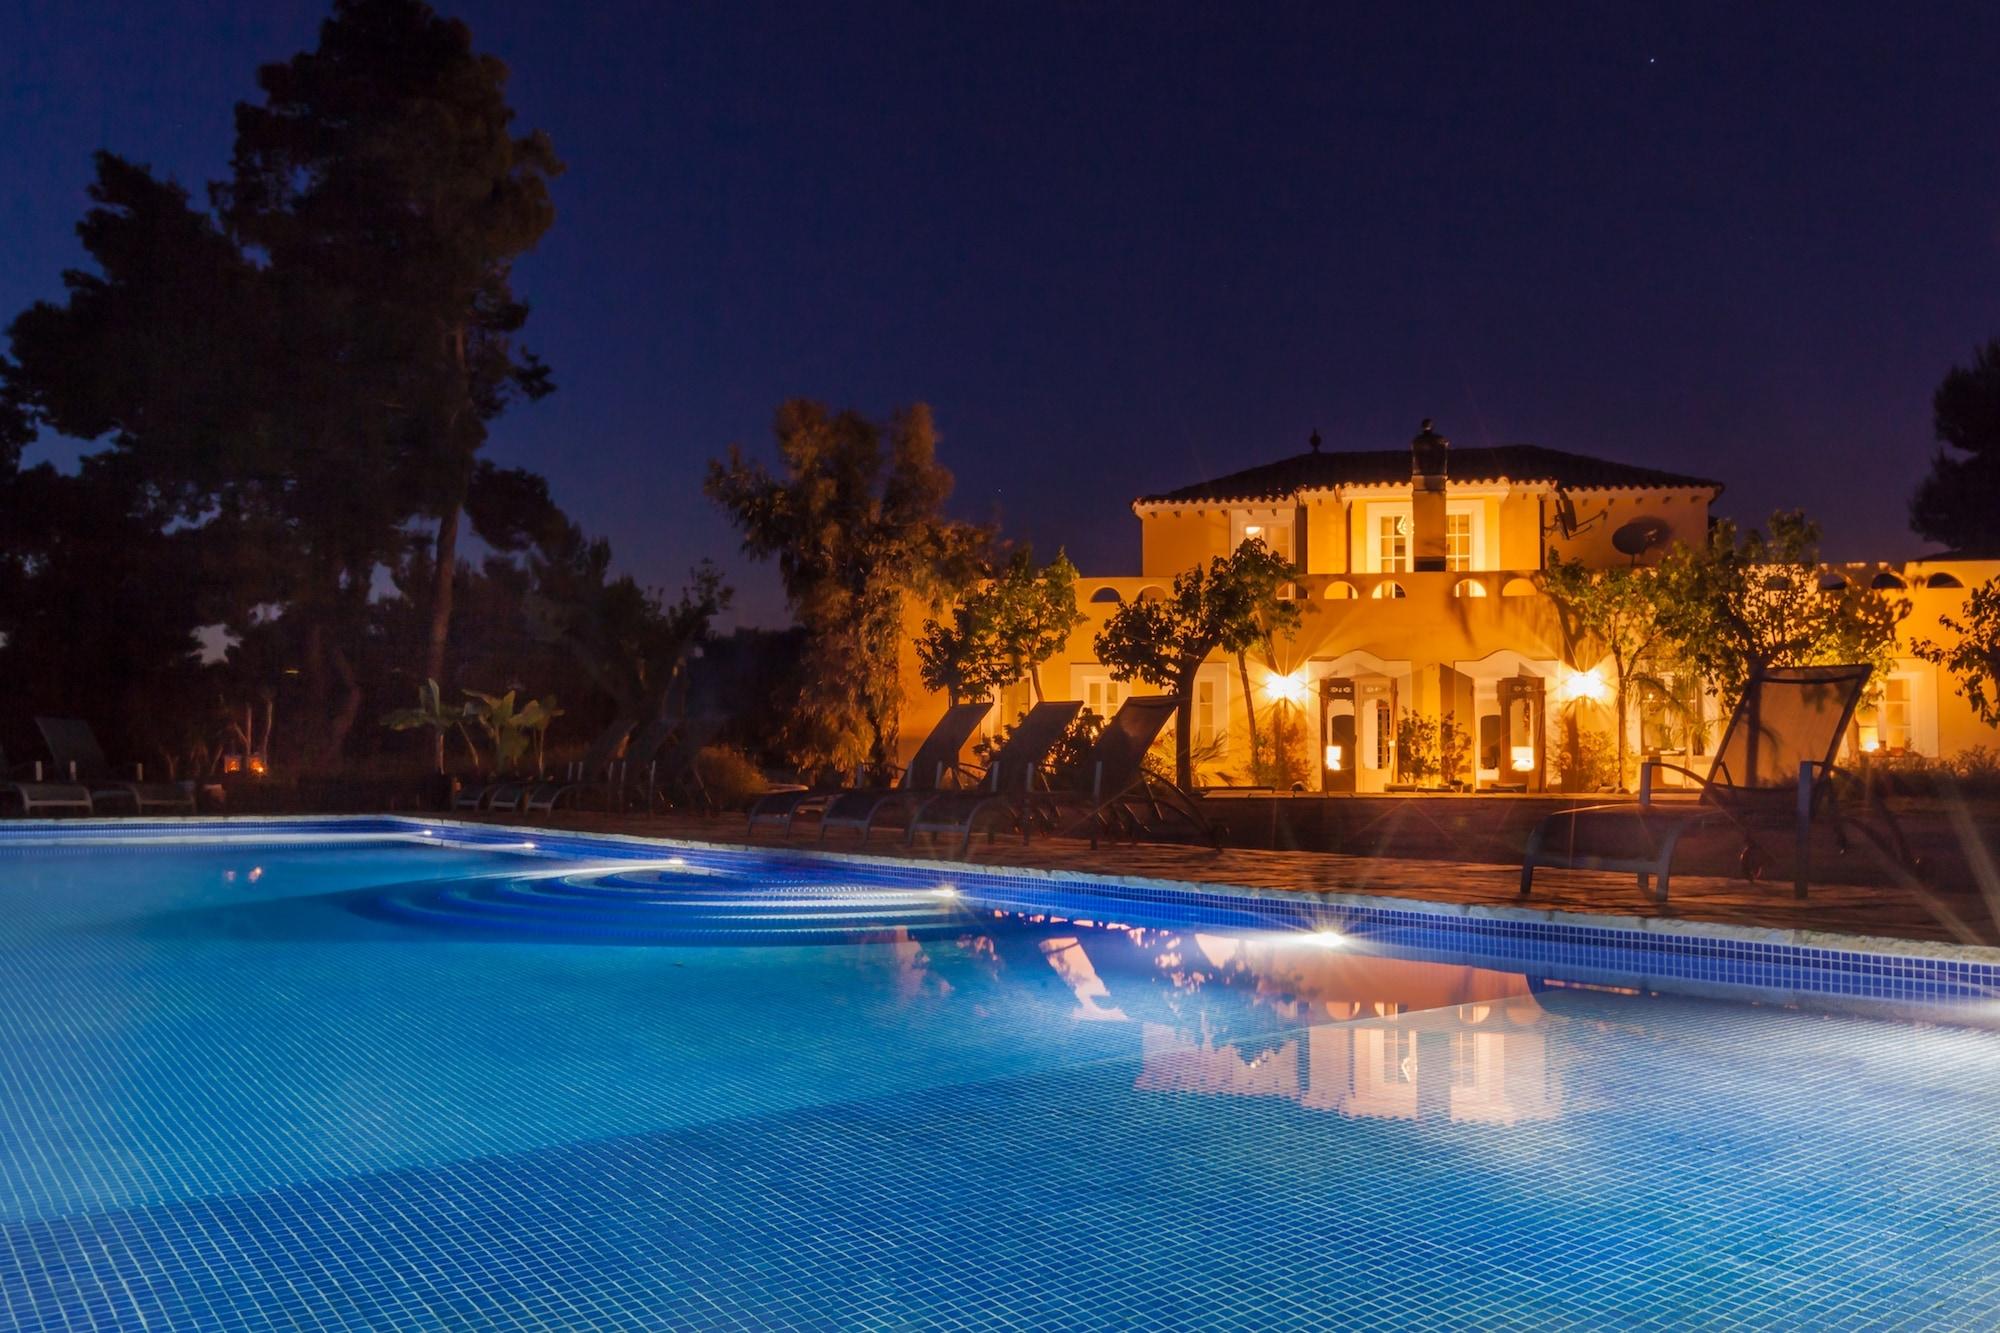 booking the perfect villa - Casa Nova Estate, Sitges Luxury Rentals